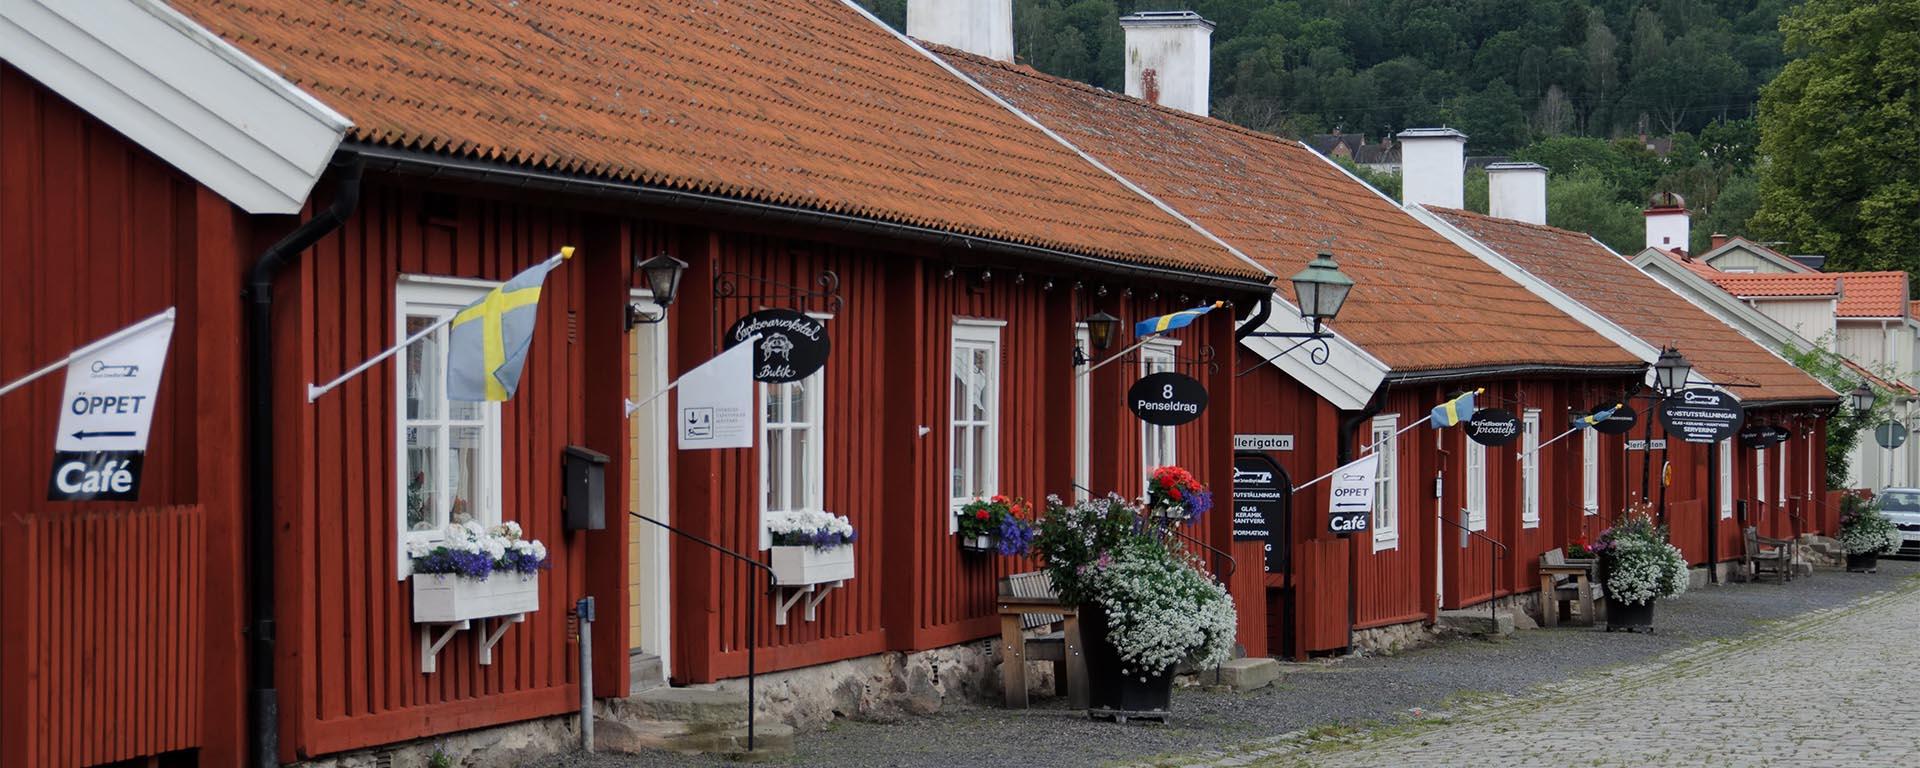 Rumah tradisional Swedia